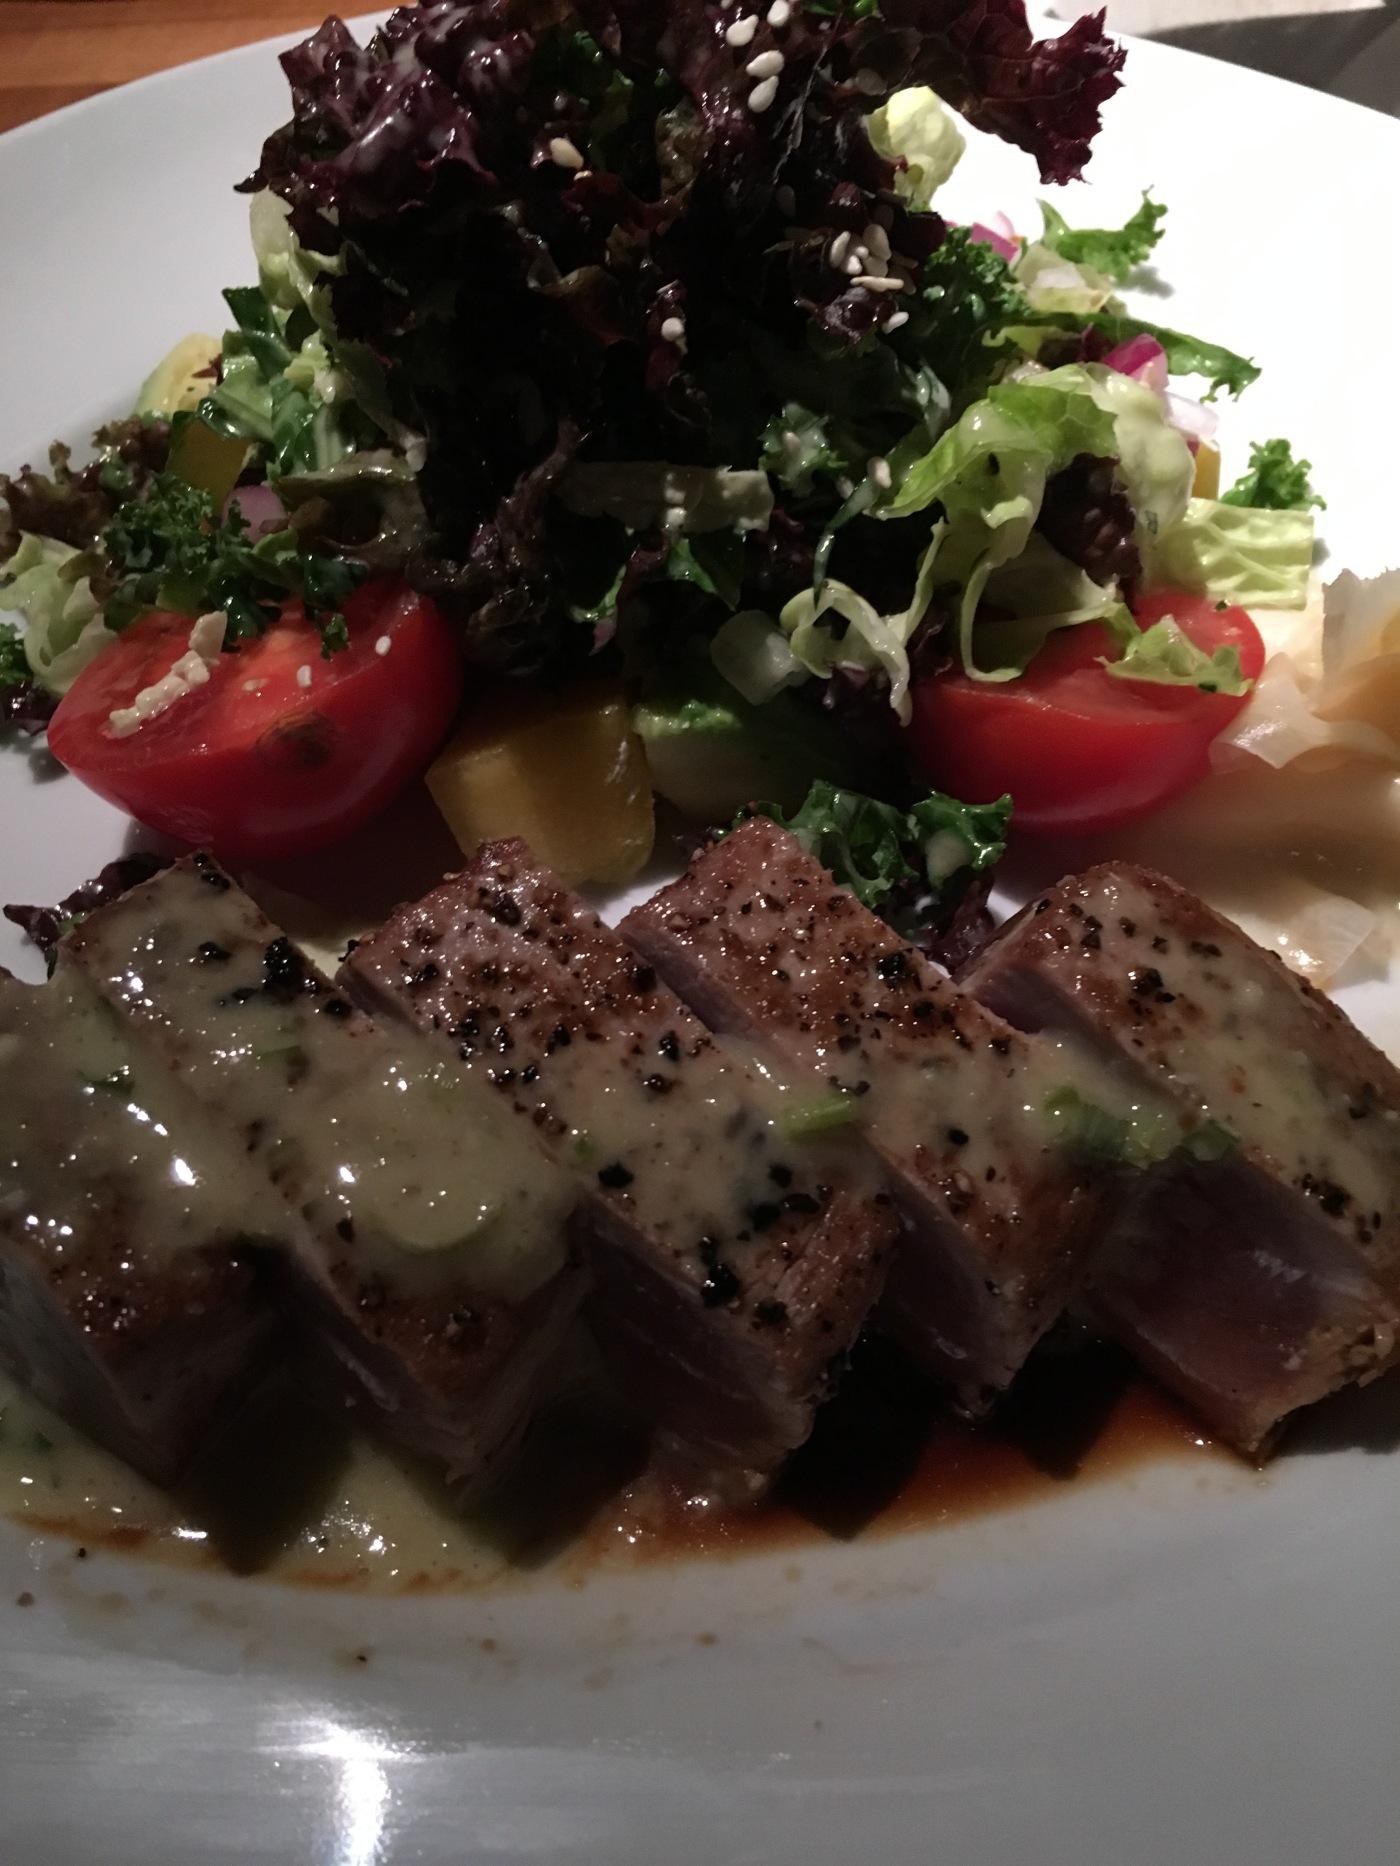 Green Machine - Sashimi Ahi Tuna and Mixed Greens at Los Altos Grill in Los Altos, California